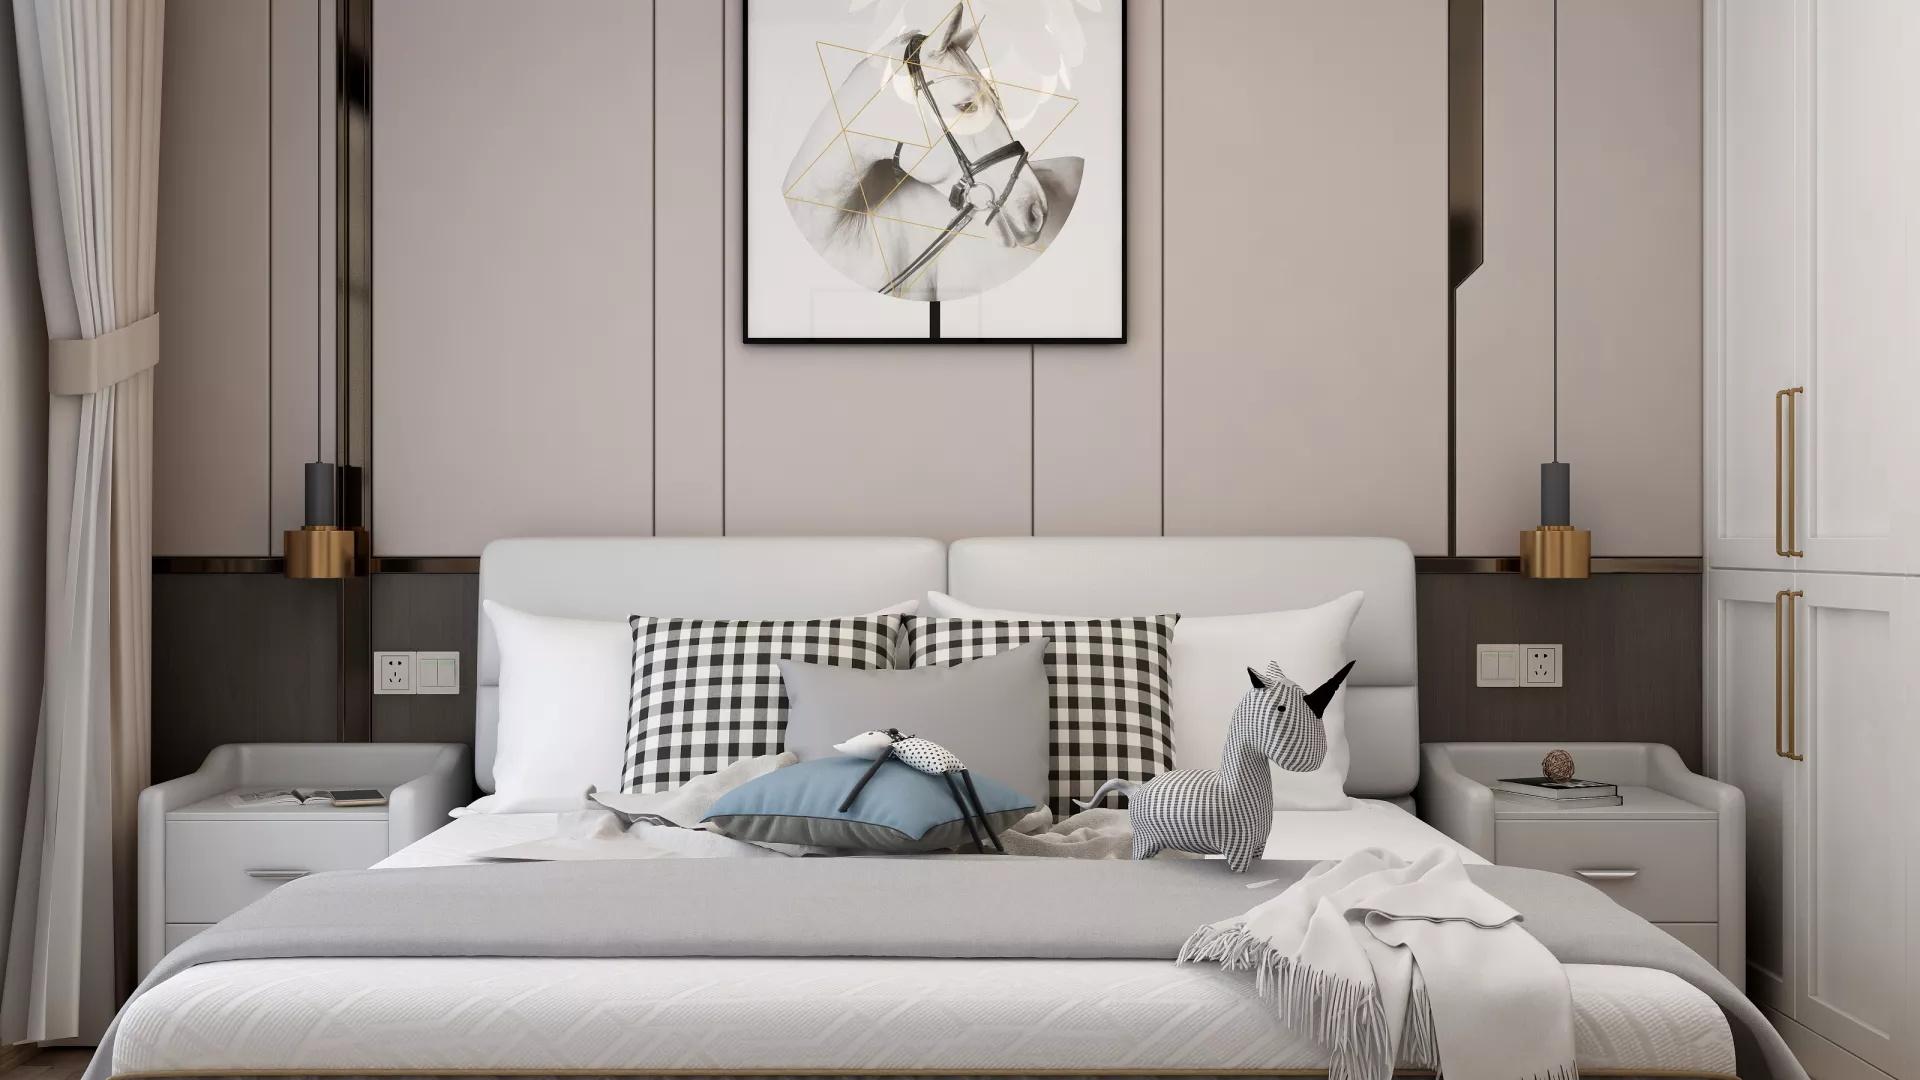 时尚简约客厅餐厅卧室装修效果图